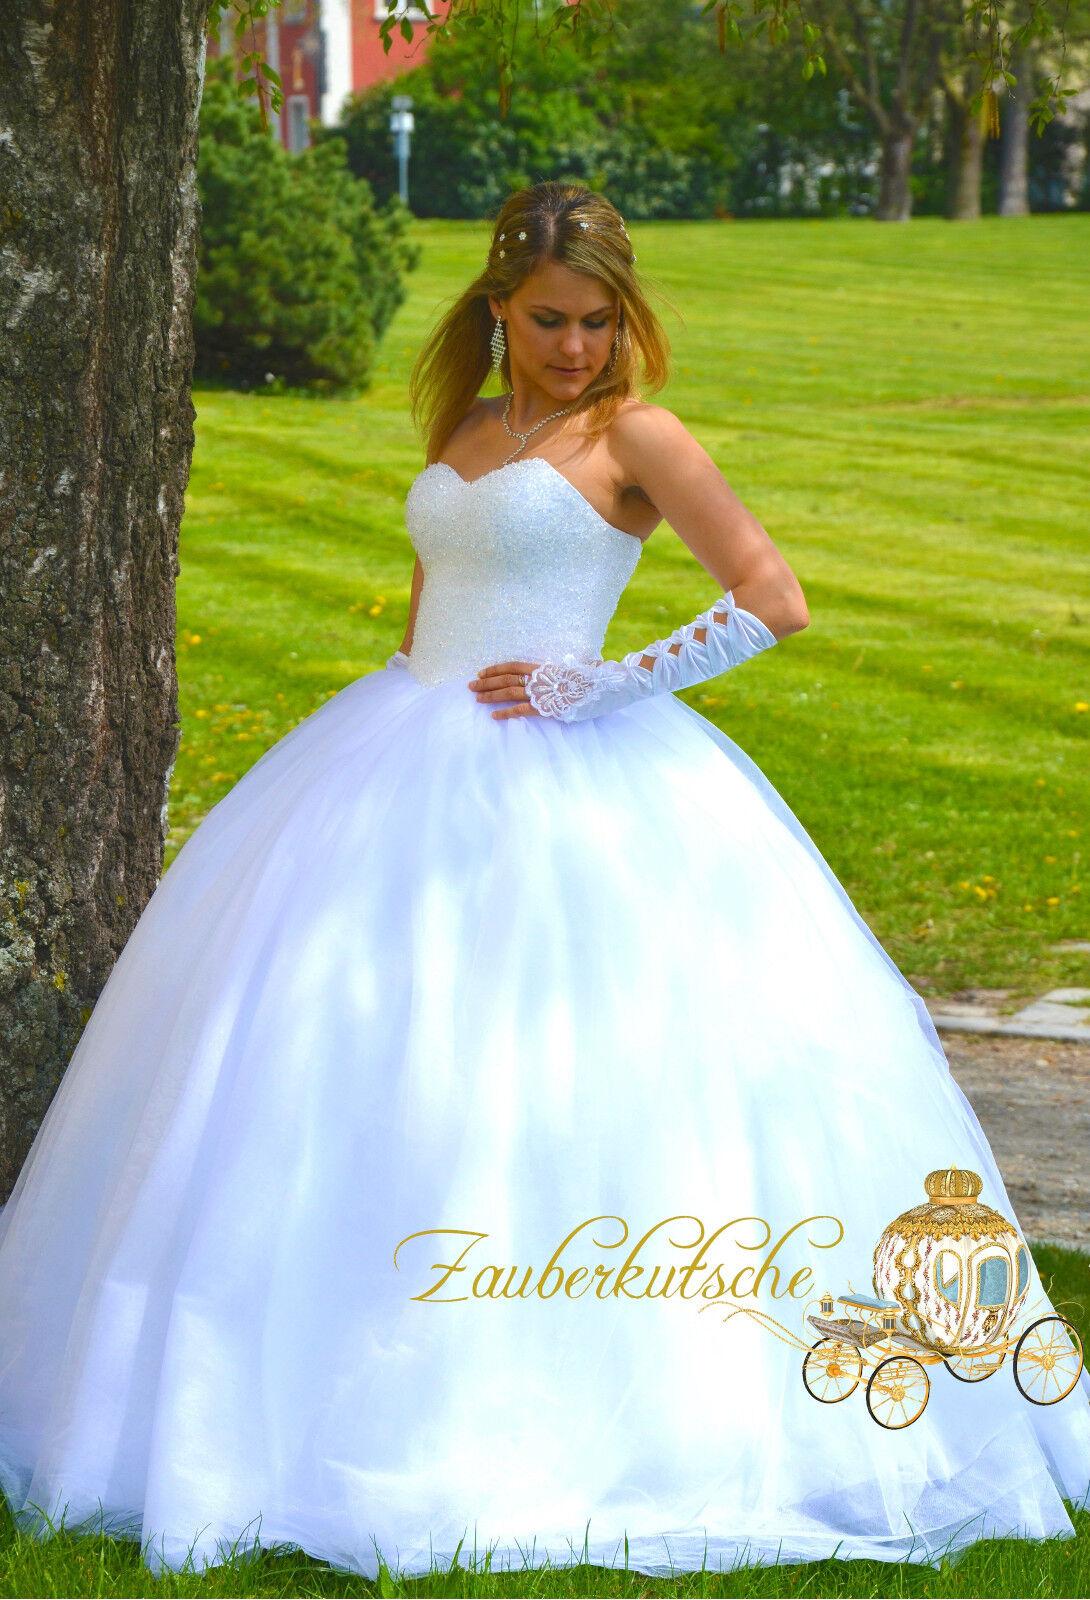 NEU NEU NEU Prinzessin Brautkleid Hochzeitskleid 34 bis 52 Kristall Glitzer Braut Kleid     | Preisreduktion  | Exquisite Verarbeitung  | Fierce Kaufen  780e33